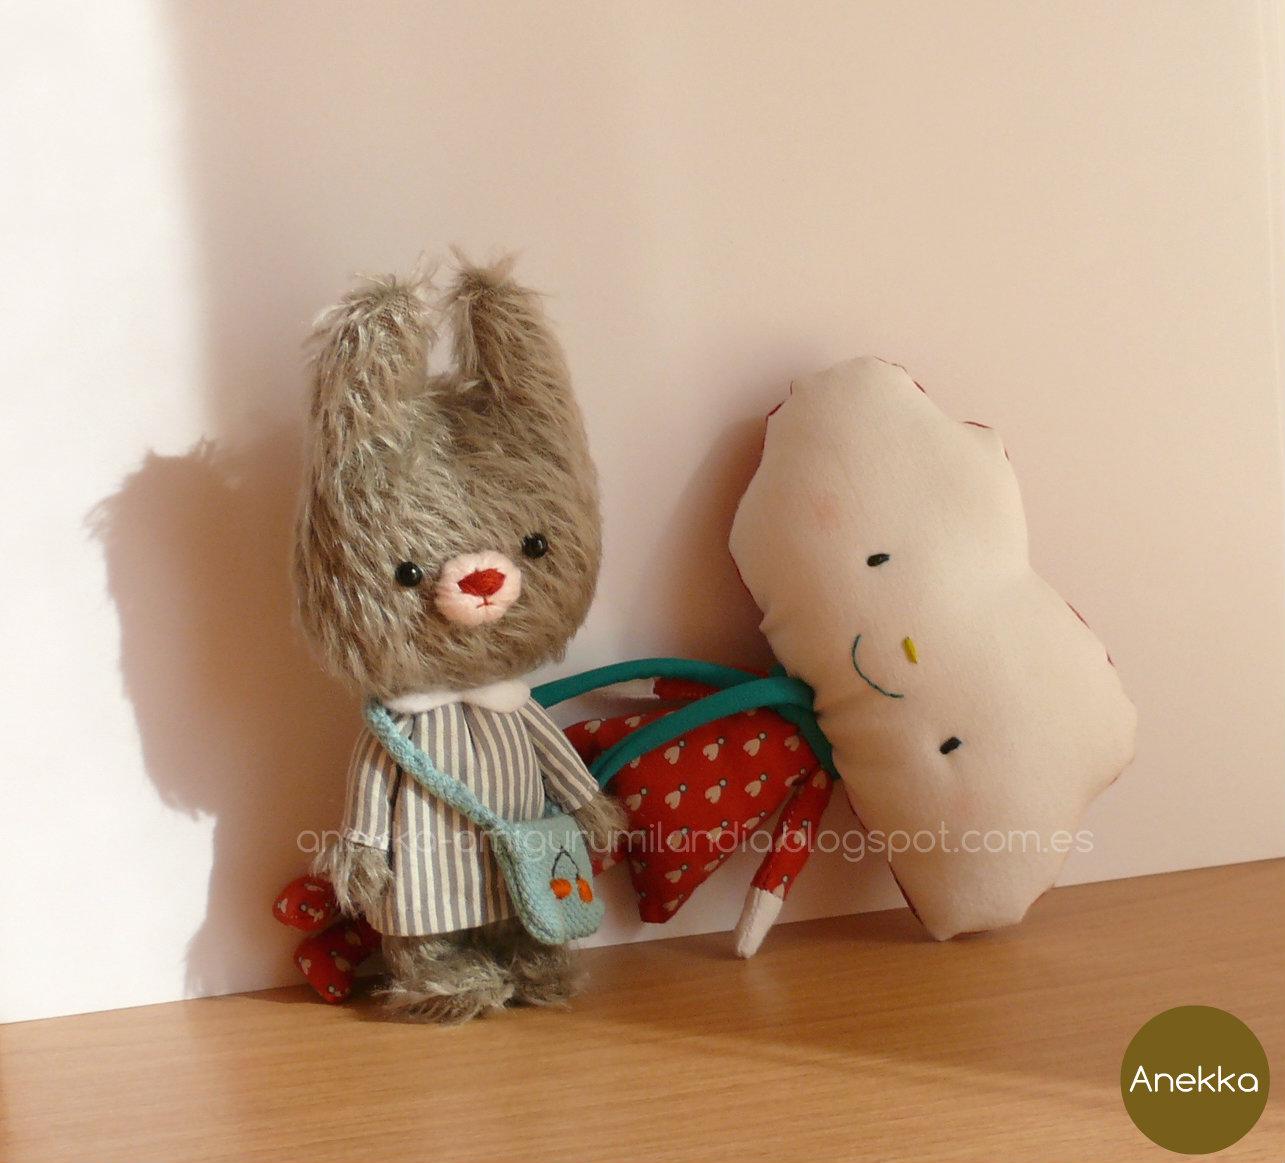 stuffed animals and plush anekka handmade